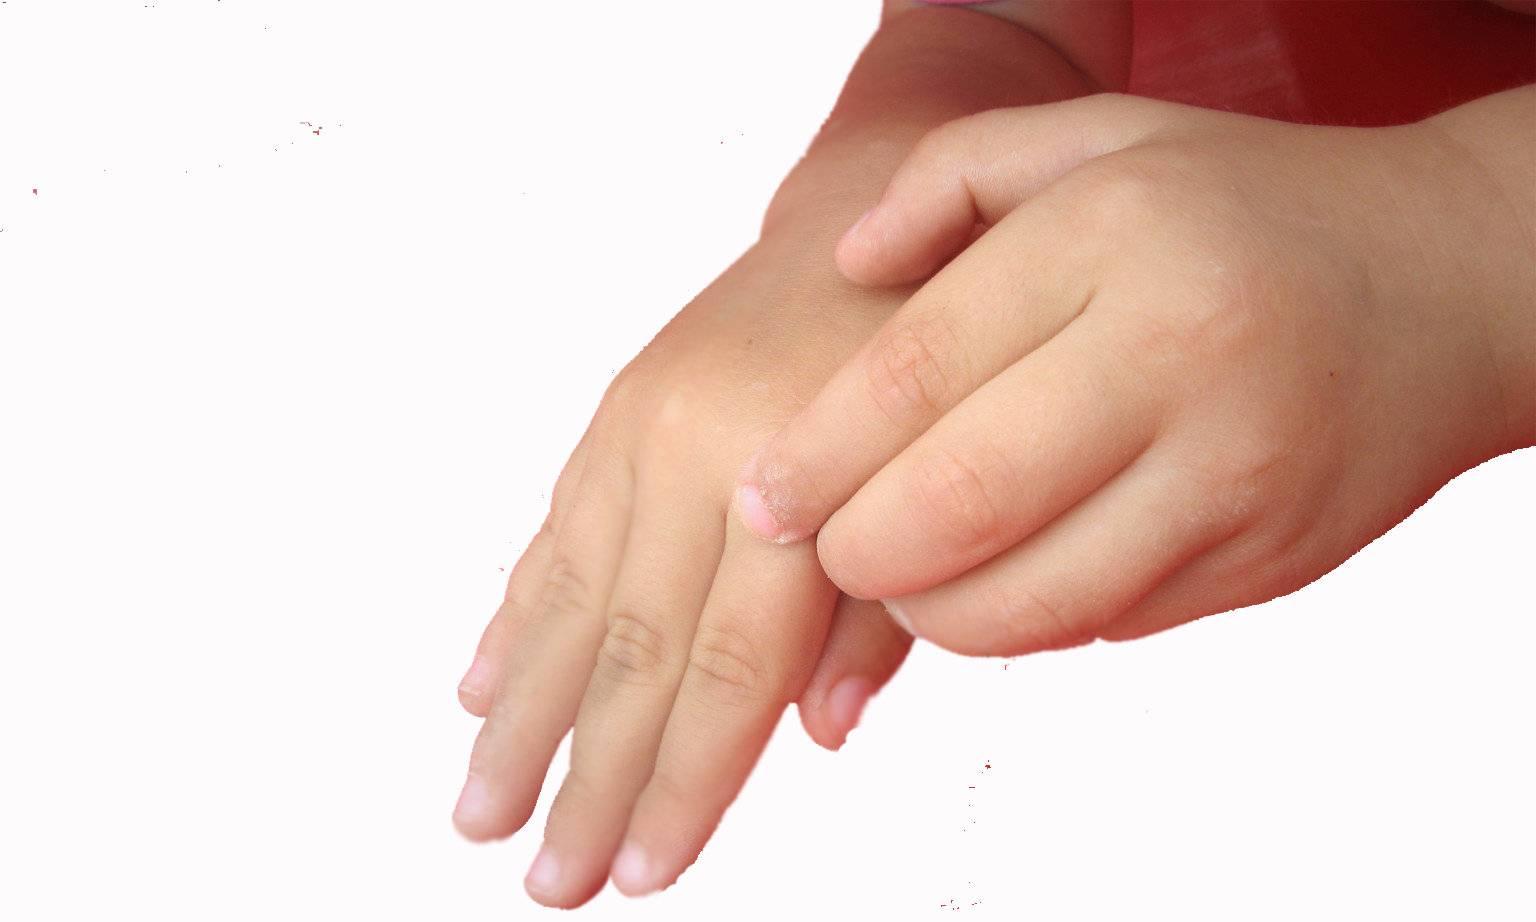 чесотка симптомы у ребенка